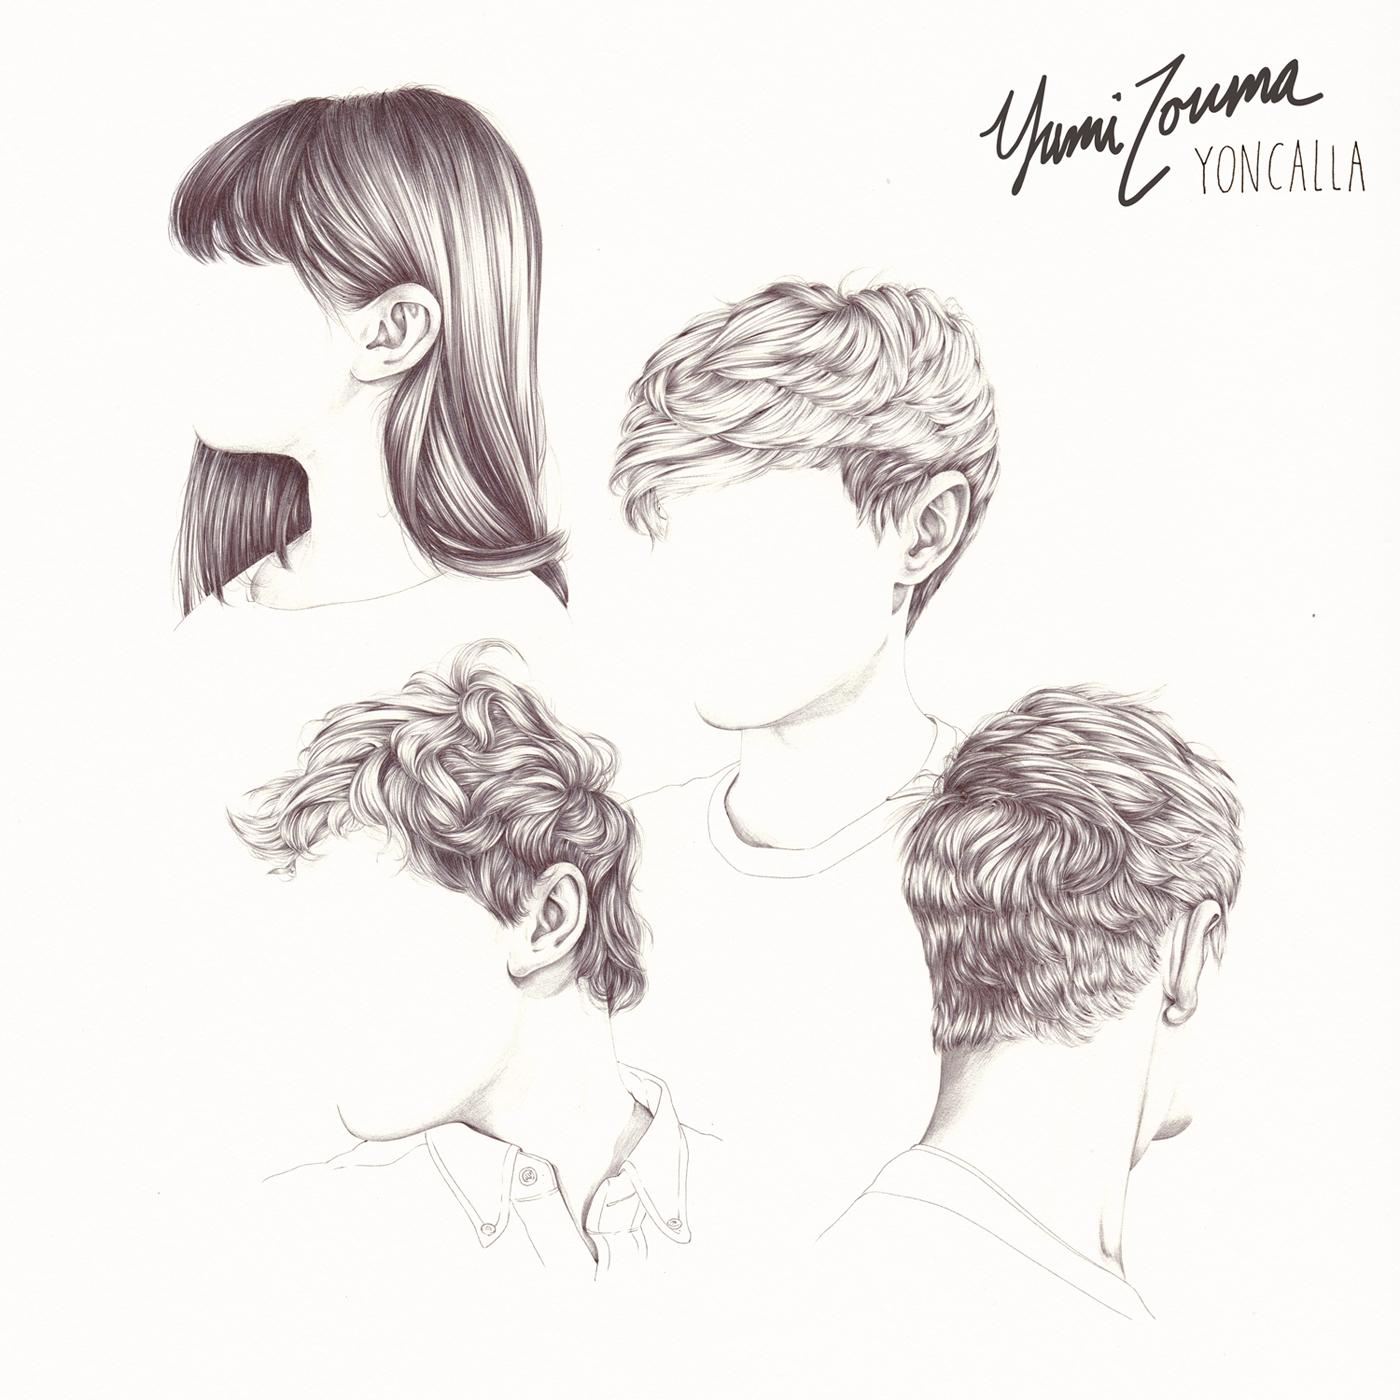 Yumi-Zouma-Yoncalla_med-1.jpg